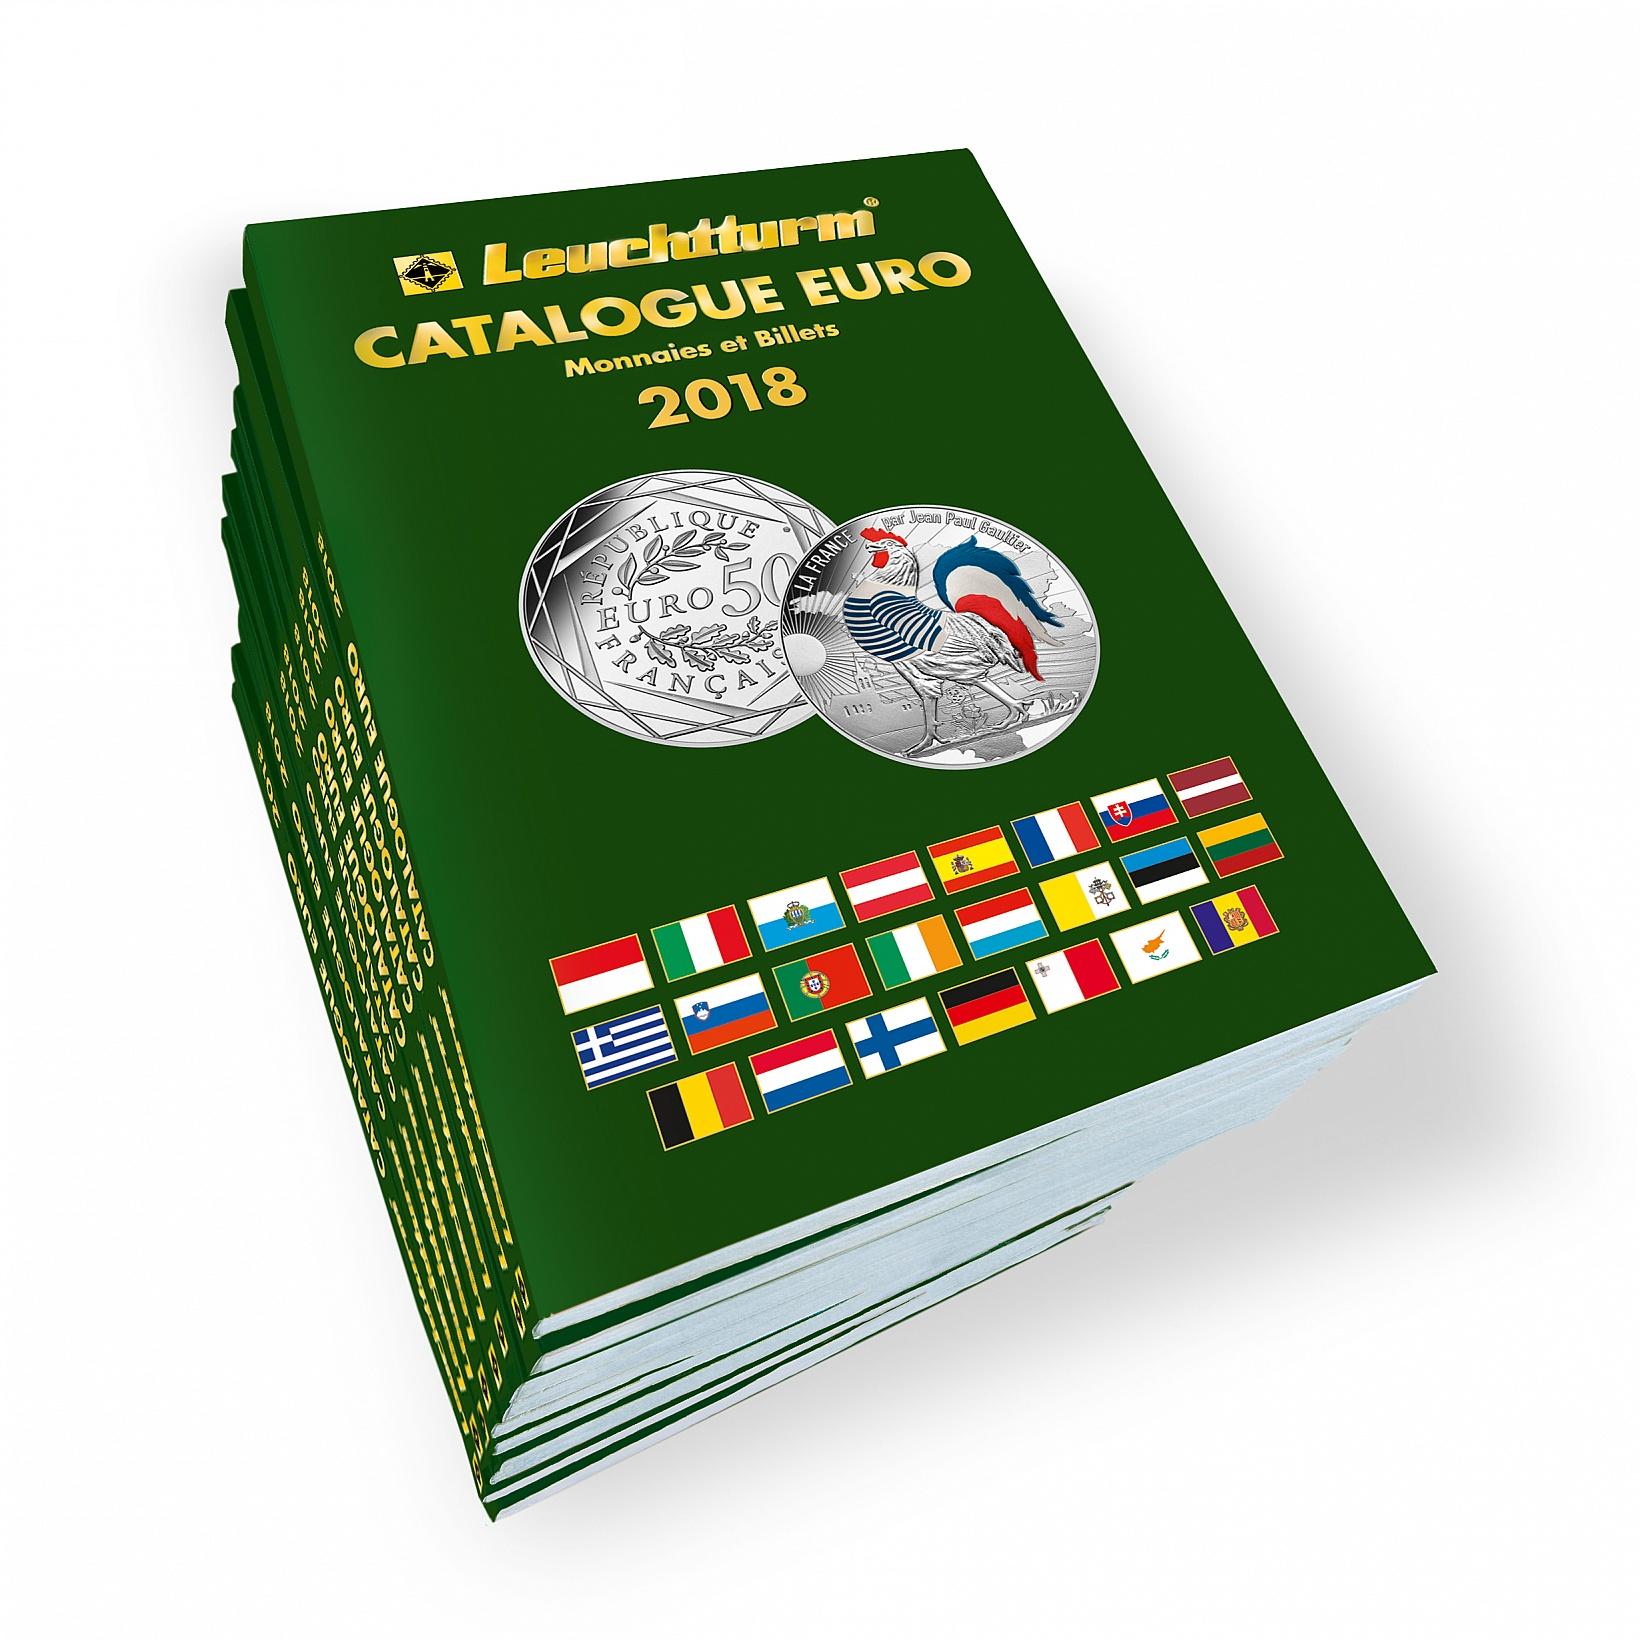 Catalogue euro 2018 Leuchtturm